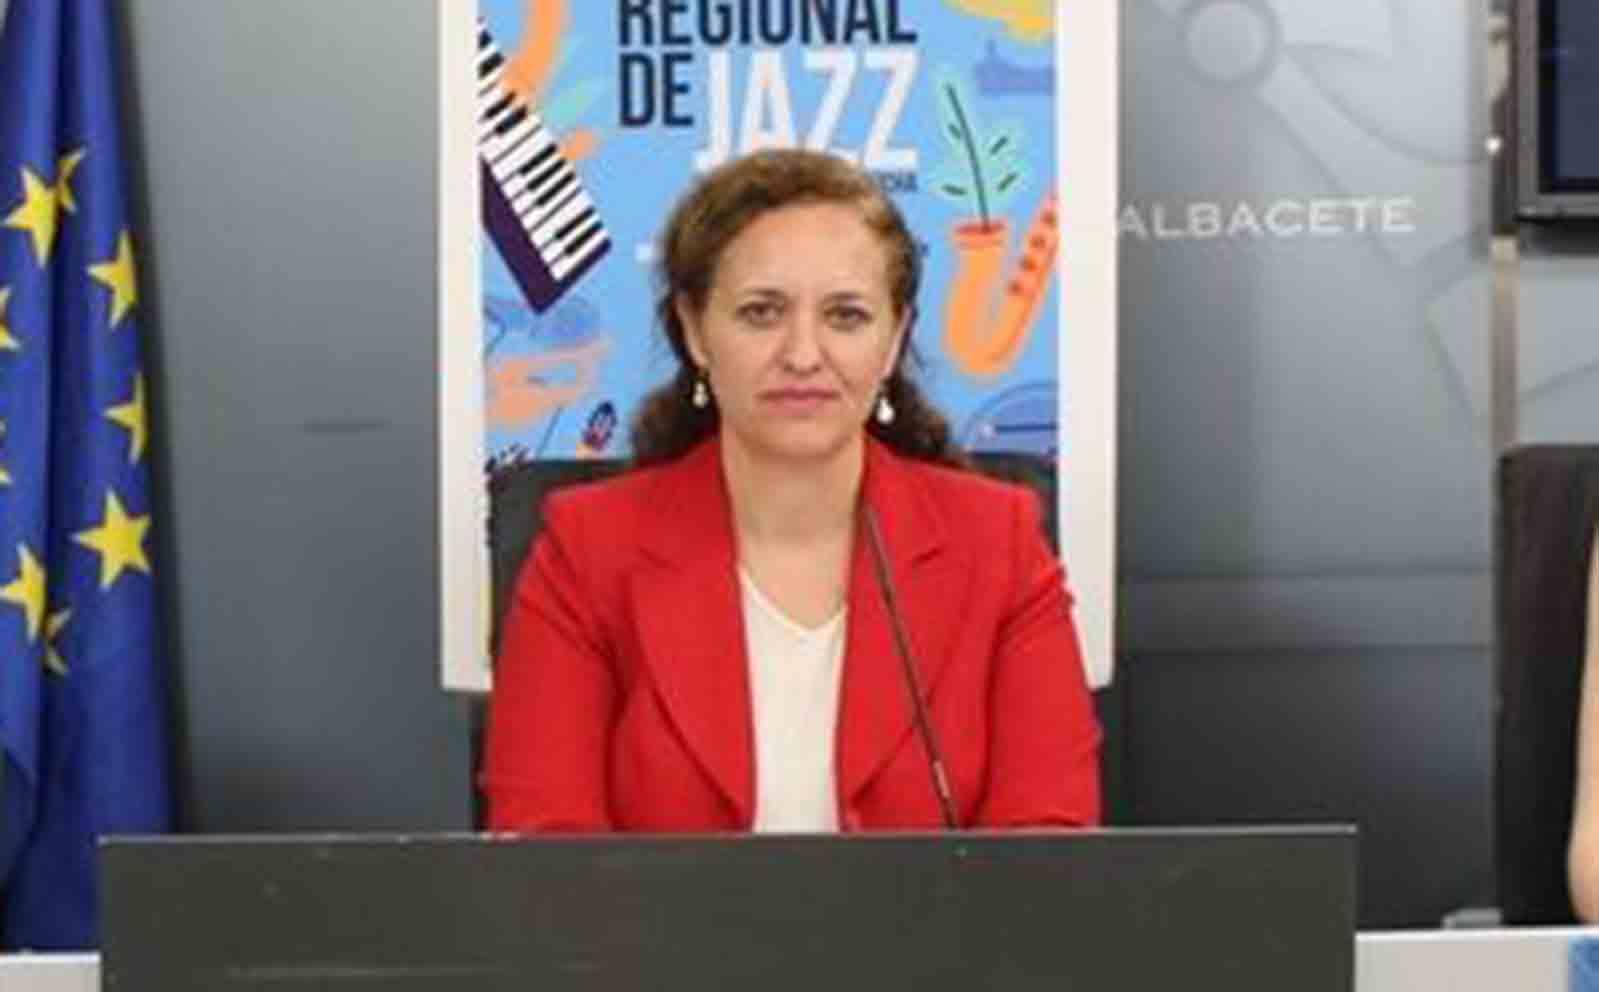 Maite García, la concejala de Ciudadanos que ha dimitido en Albacete.